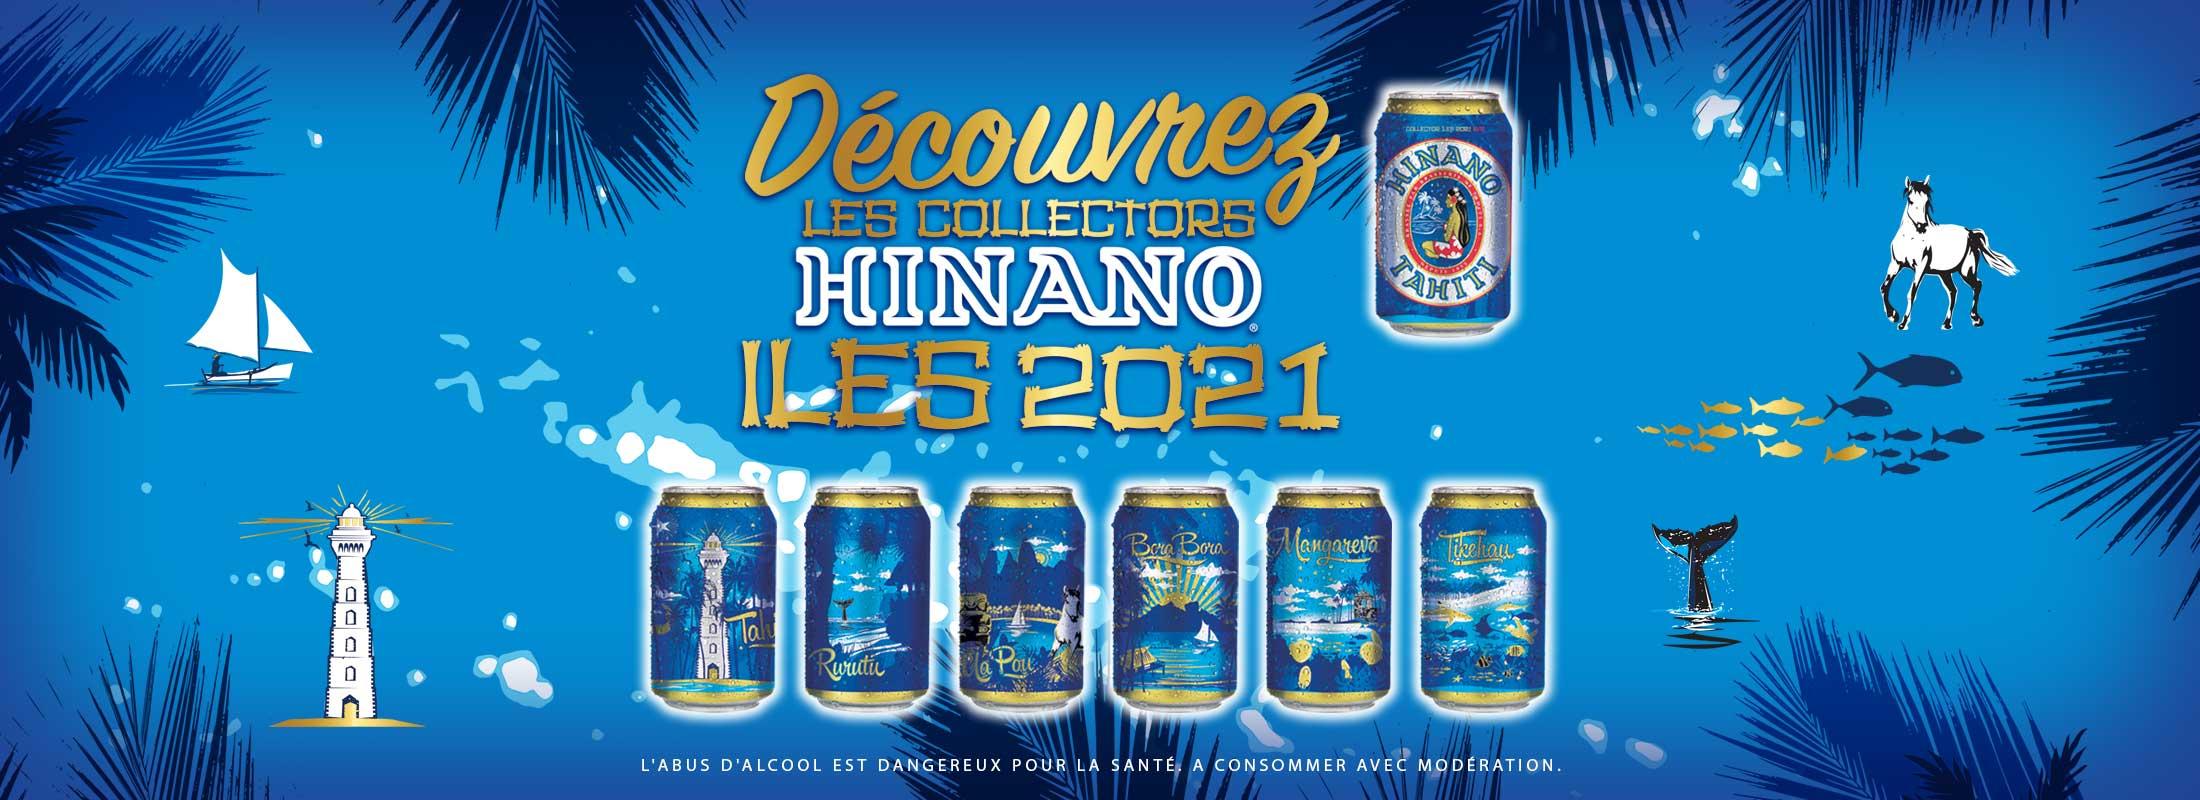 Collector-Hinano-2021-2200X800-px